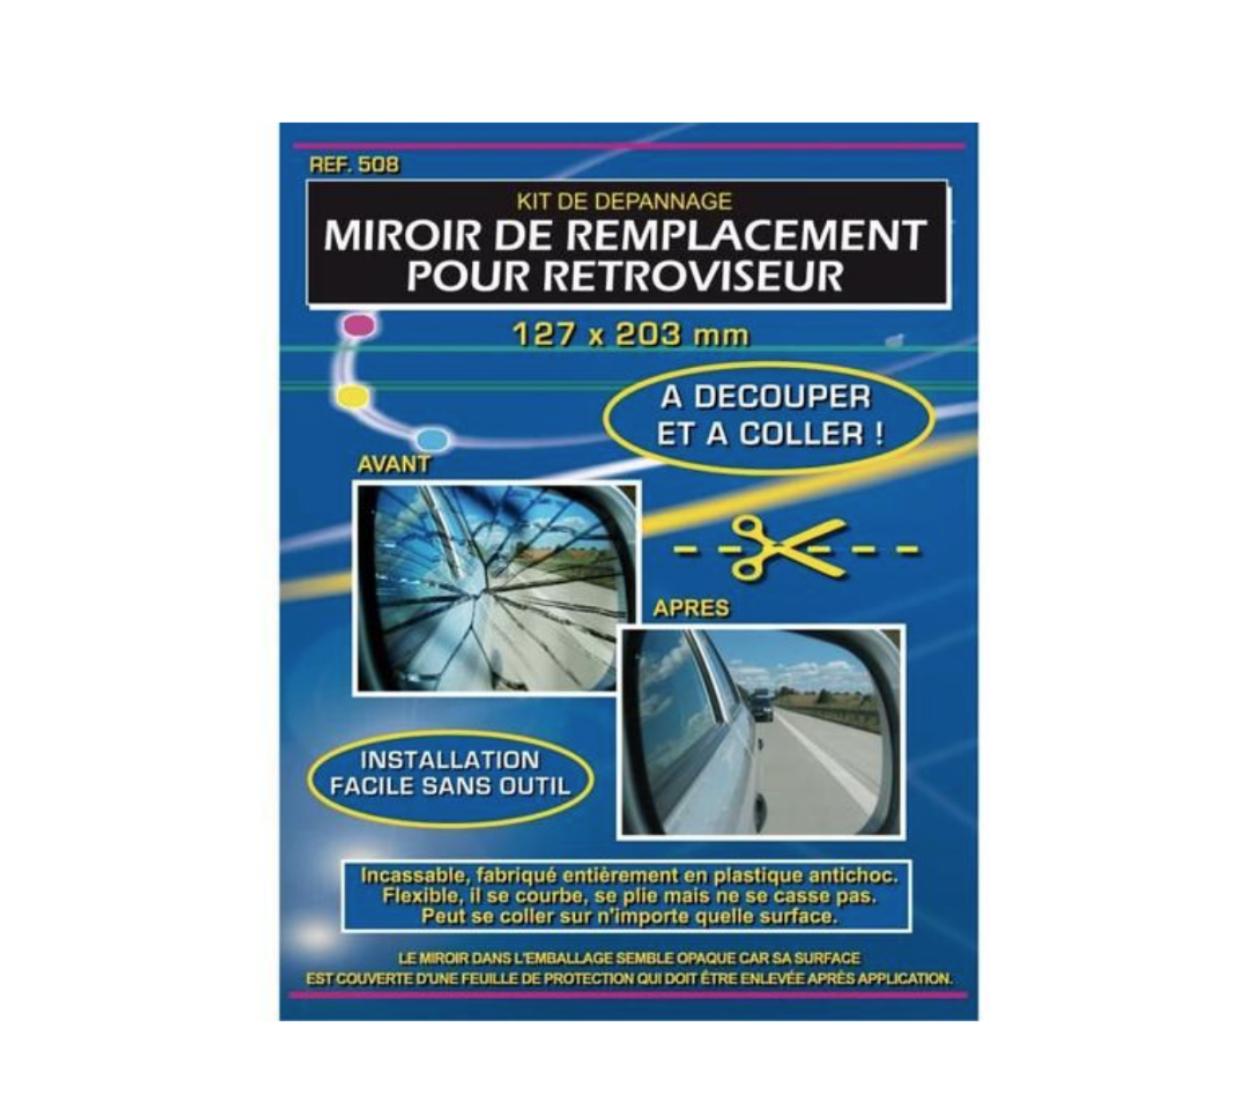 IMDIFA 3M MIROIR REMPLACEMENT RETROVISEUR PROVISOIR KIT DEPANNAGE RENOVER REPARER AUTO BUS CAR VOITURE VAN TAXI CAMION FOURGON CAMIONETTE 3284090005085 COMASOUND KARTEL CSK ONLINE SIGNALITIQUE